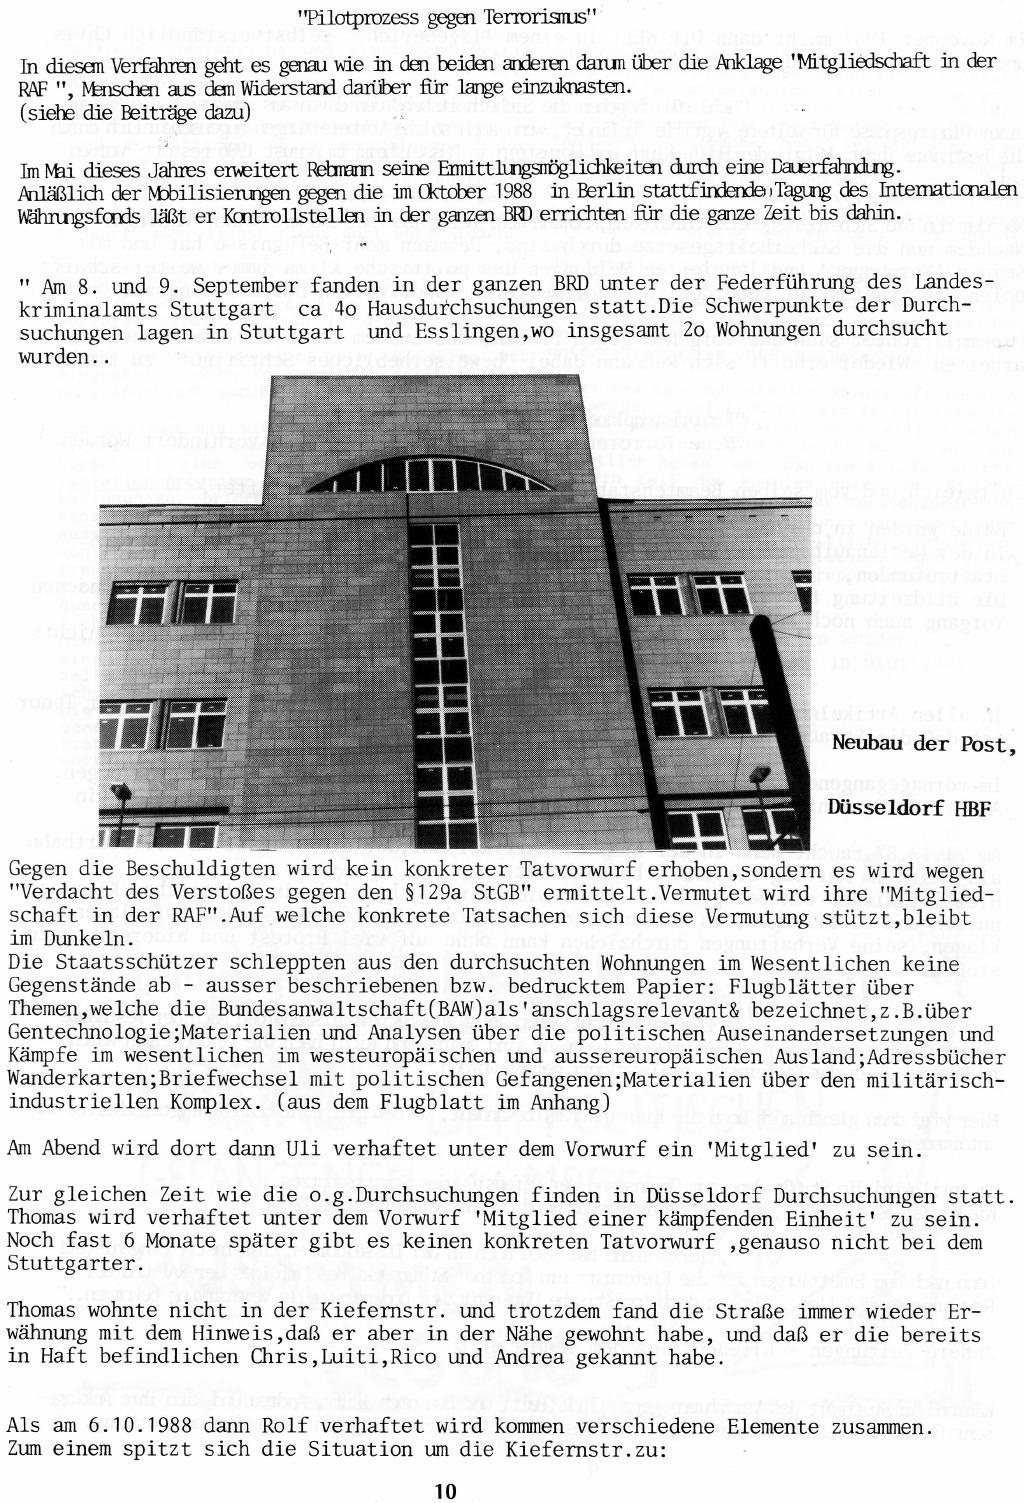 Duesseldorf_1989_Sechs_Politische_Gefangene_010